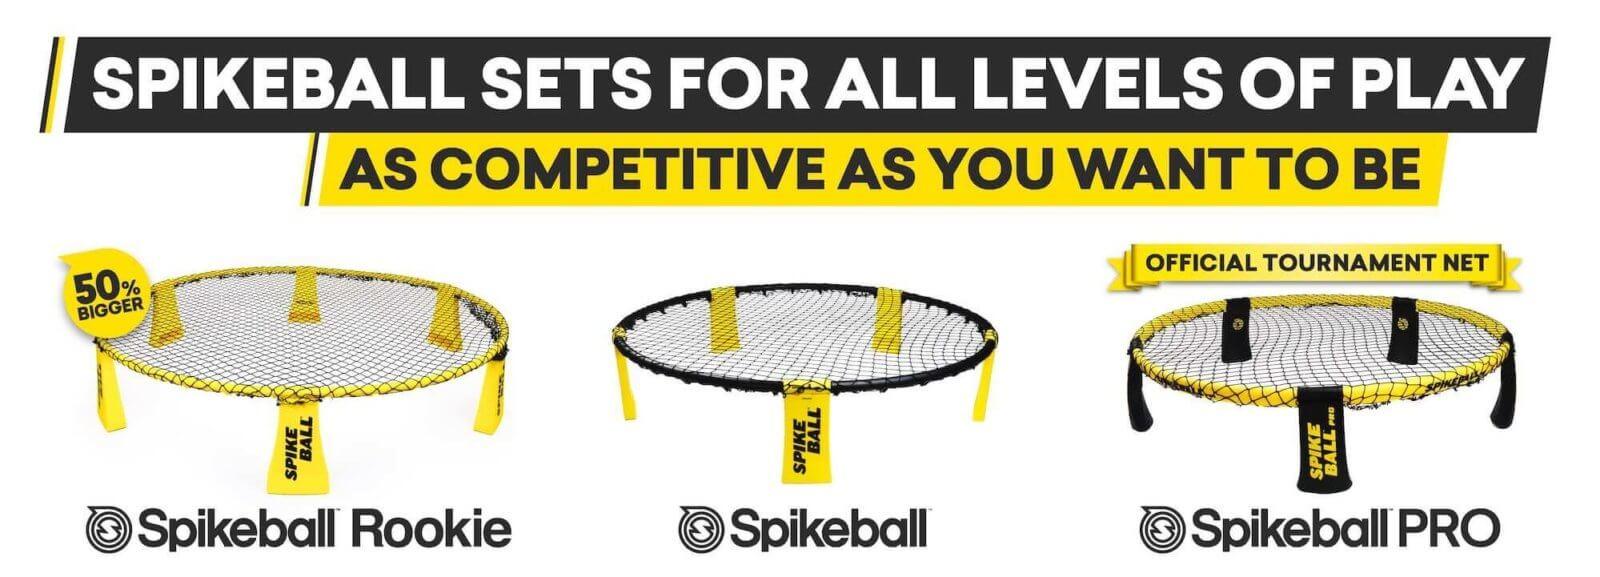 Welches Spikeball Set für die Schule?